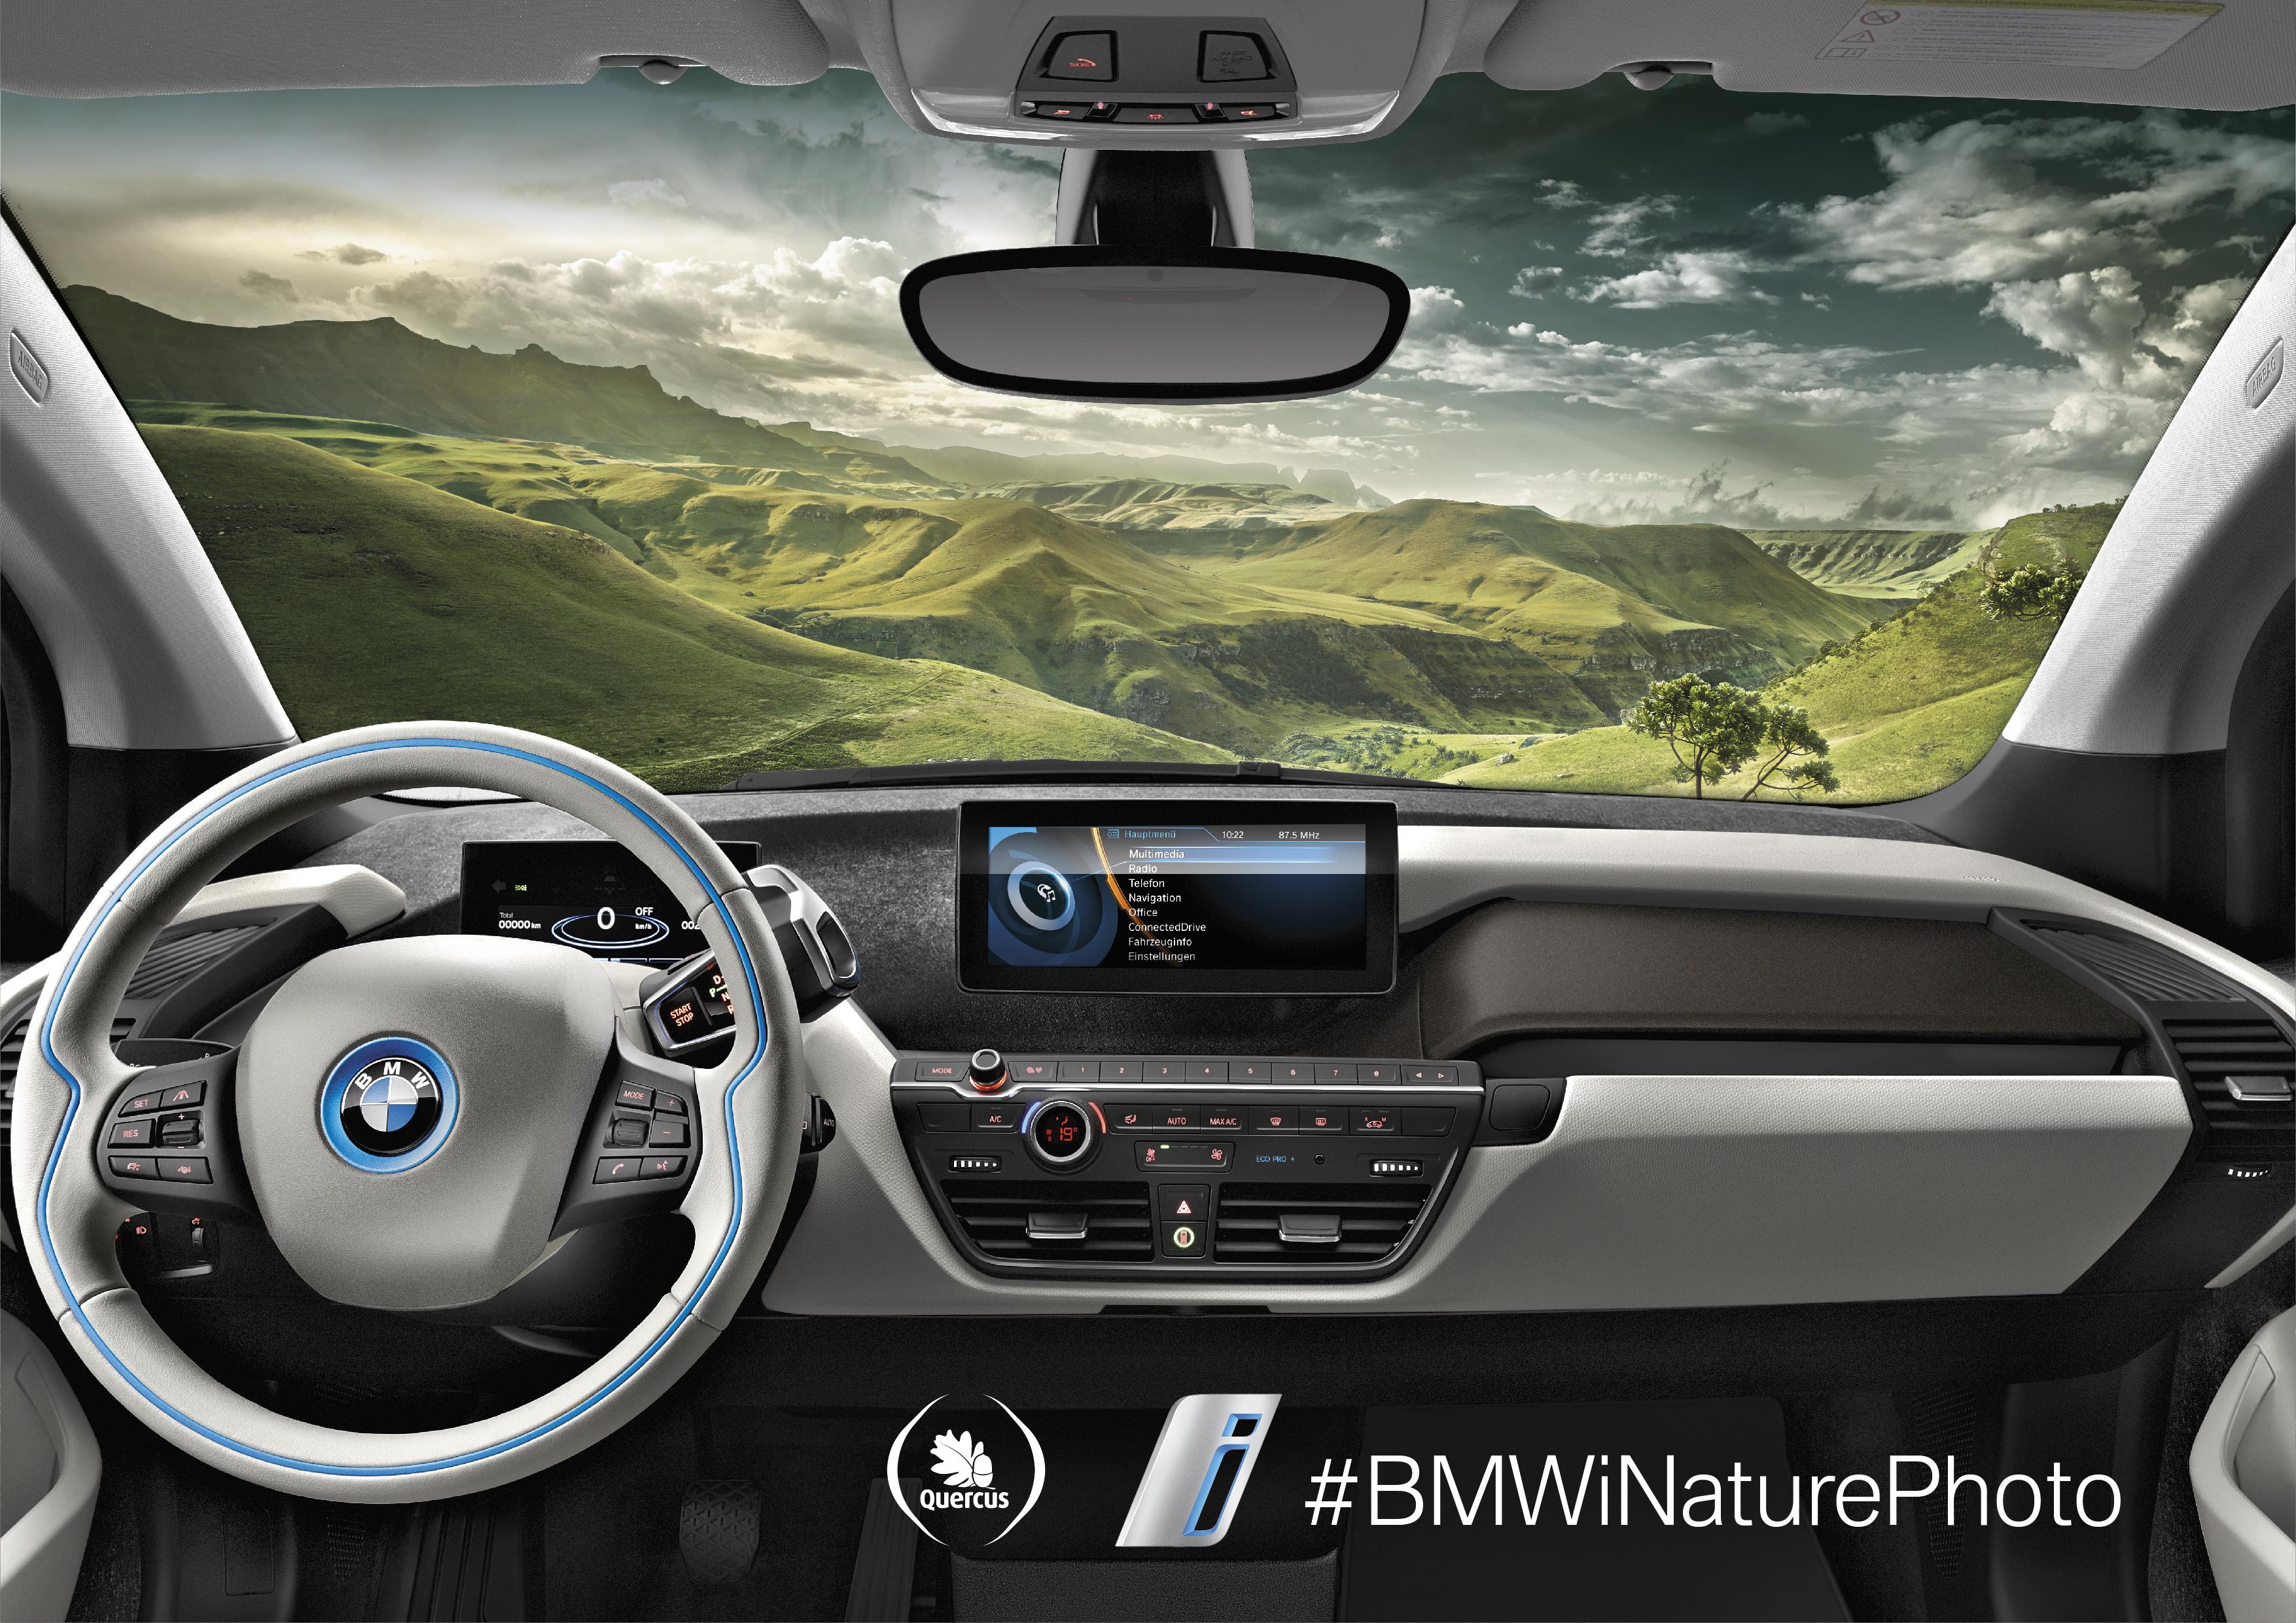 BMW i e Quercus lançam concurso de fotografia no Instagram thumbnail